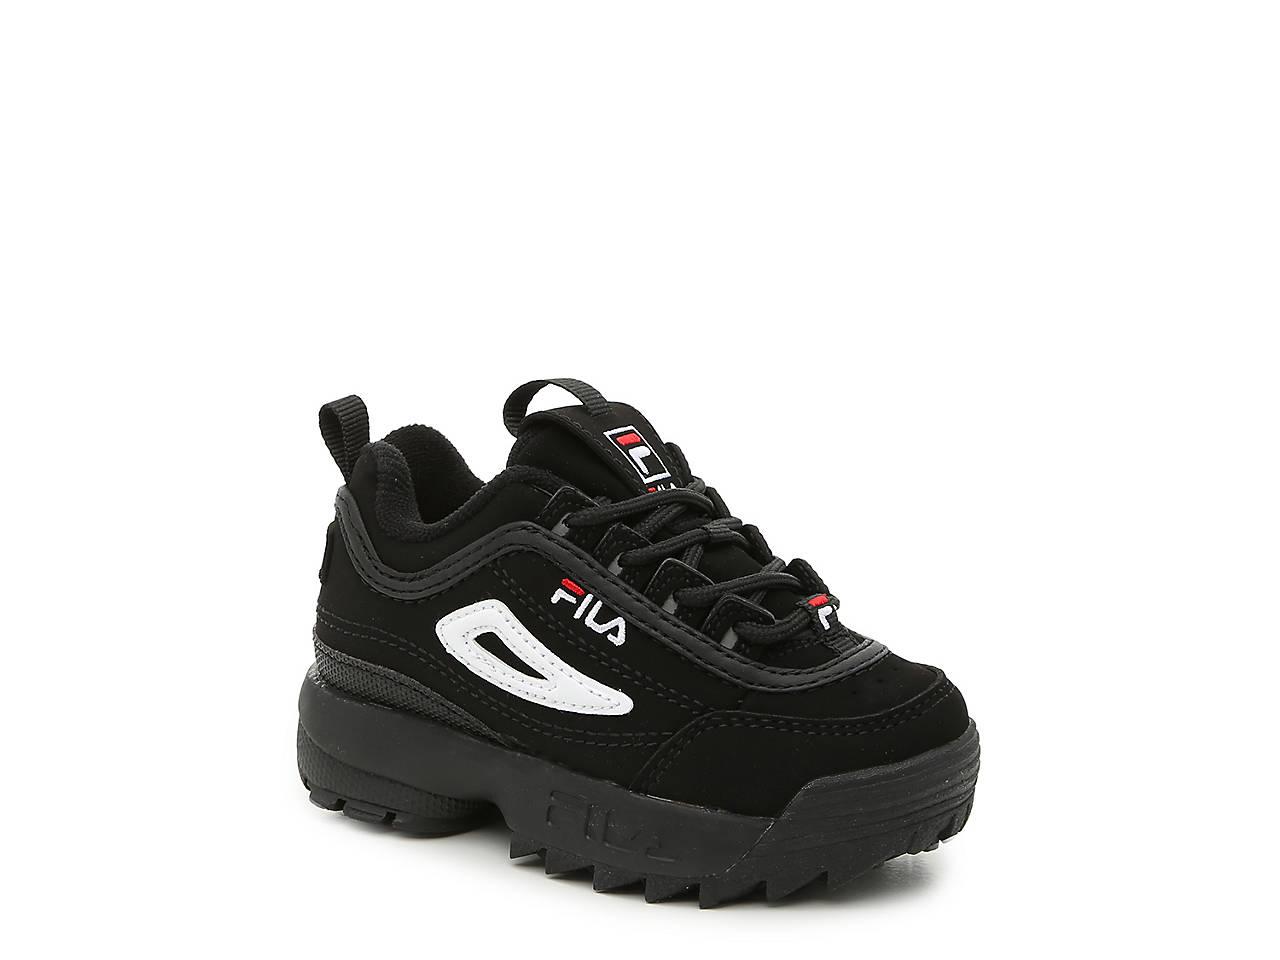 41968f0a8c1b Fila Disruptor II Sneaker - Kids' Kids Shoes | DSW